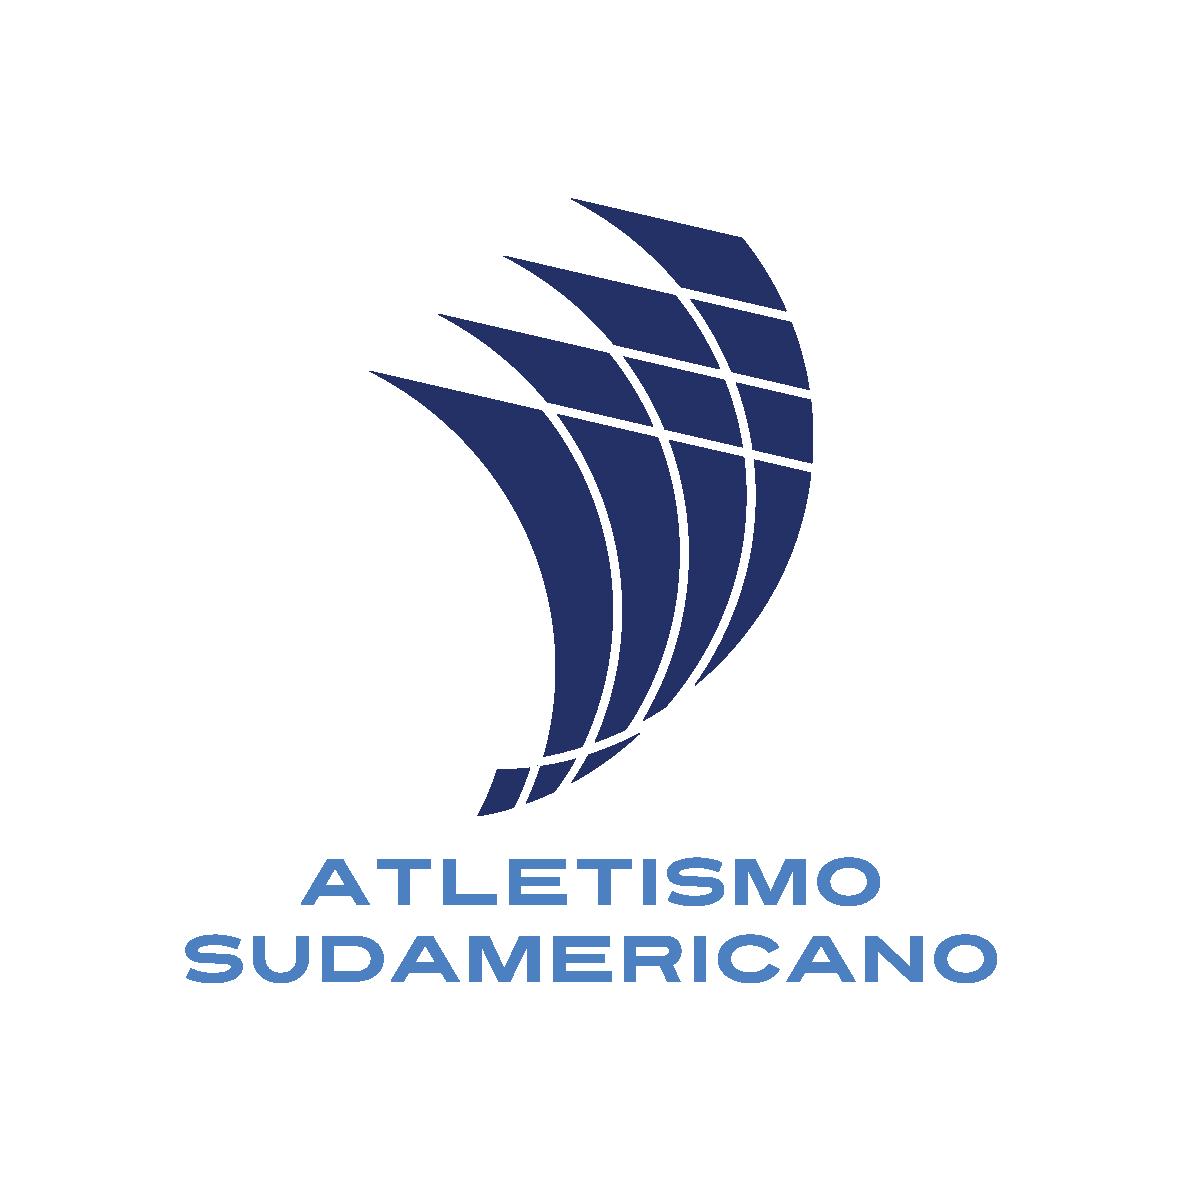 Imagen con link hacia atletismosudamericano.org